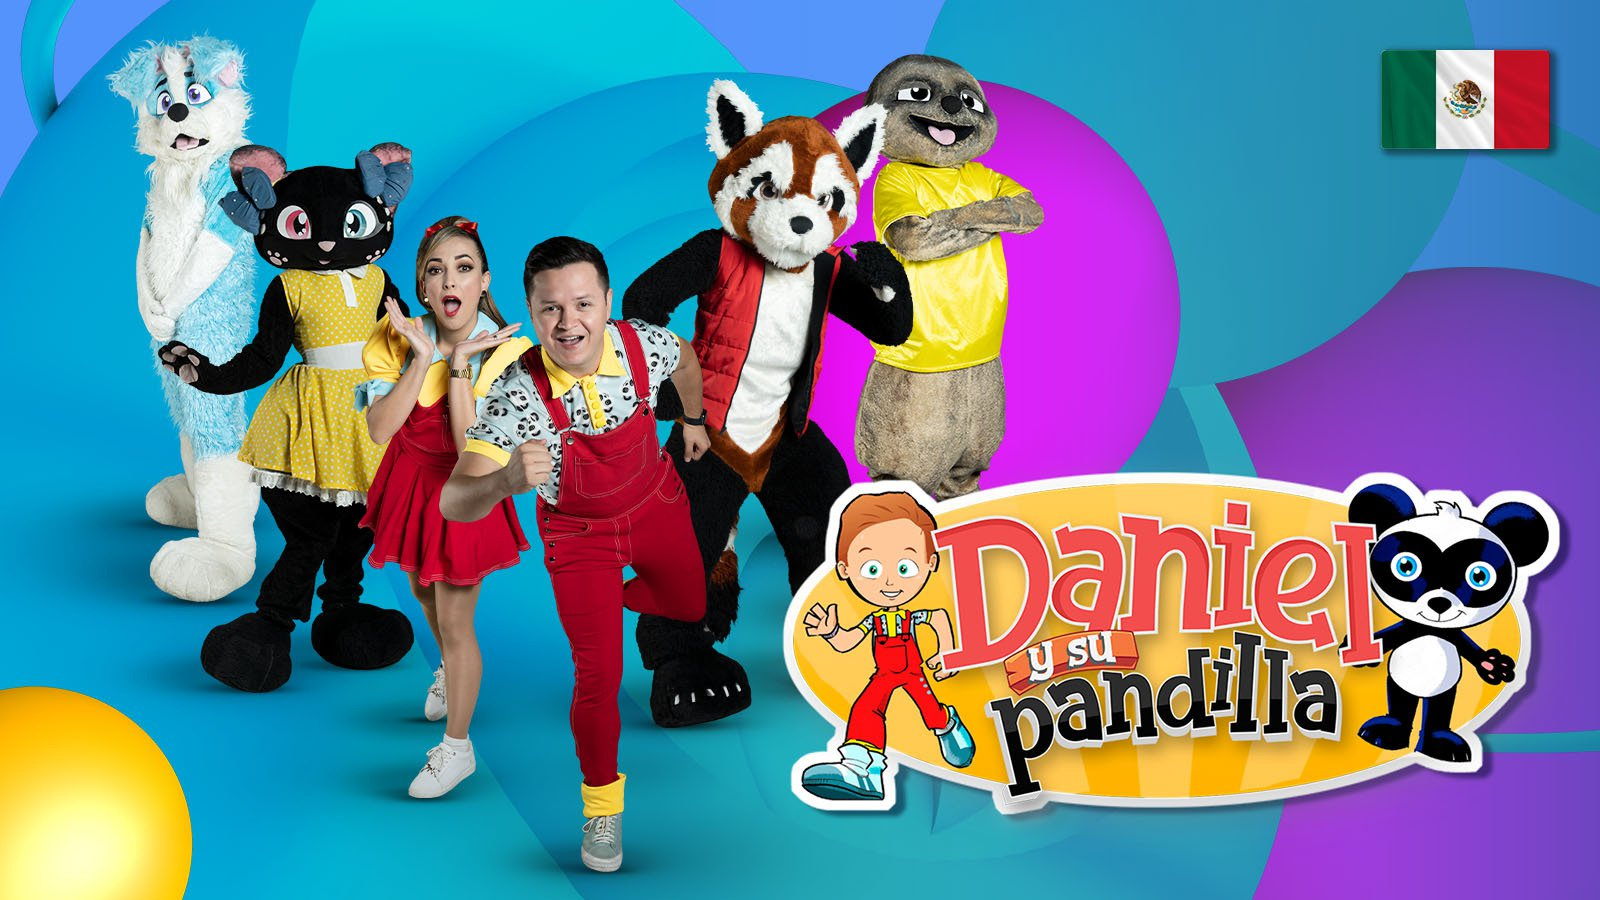 Daniel y su pandilla poster